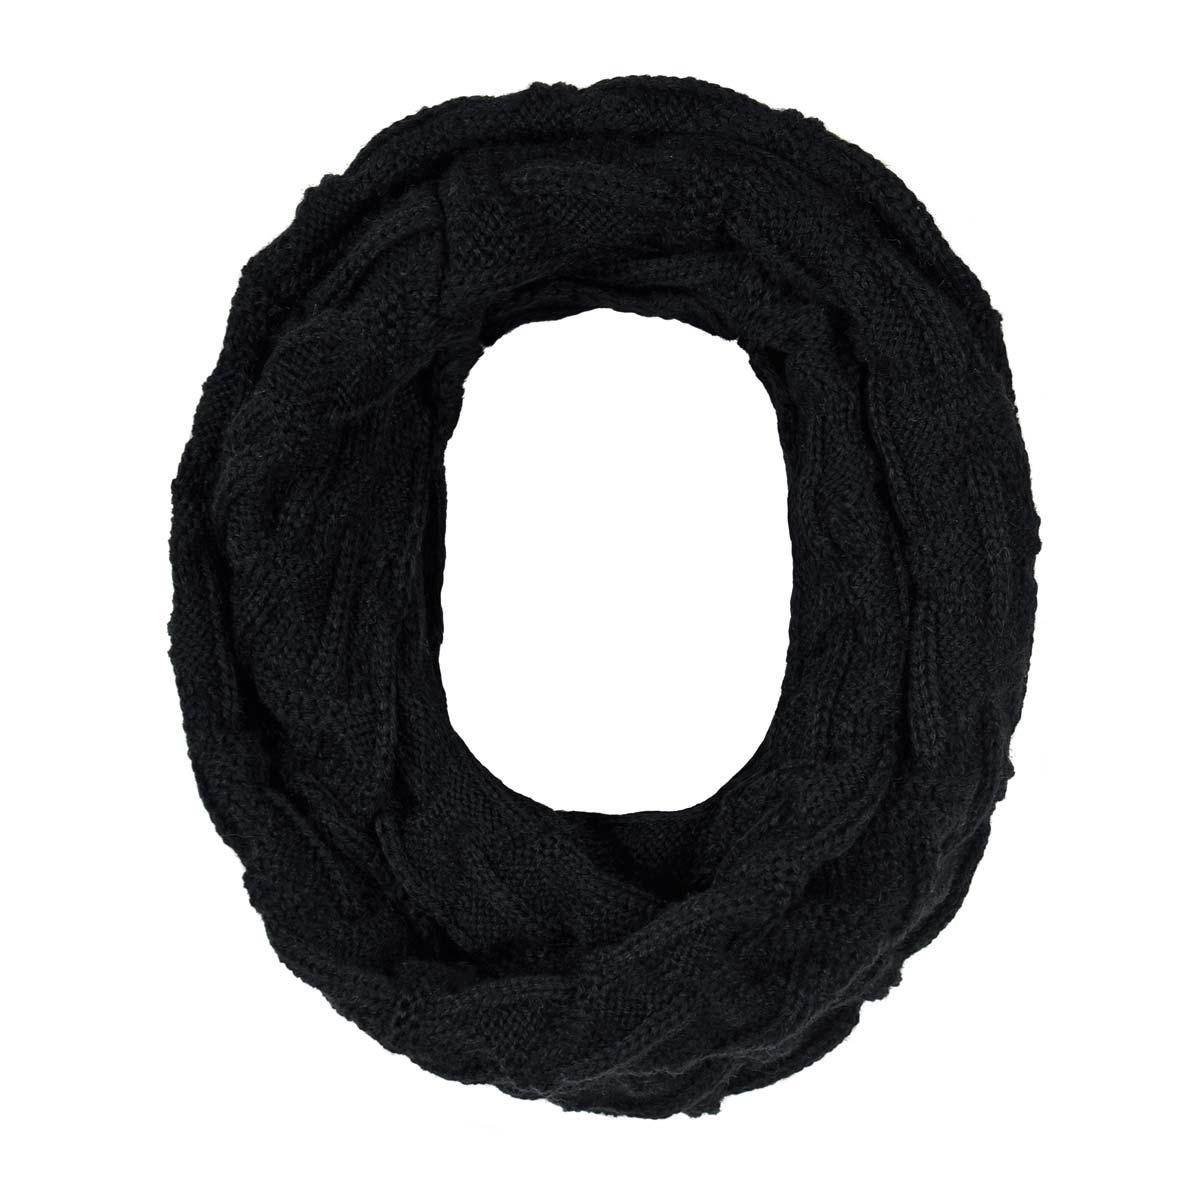 AT-05855_F12-1--_Echarpe-col-noire